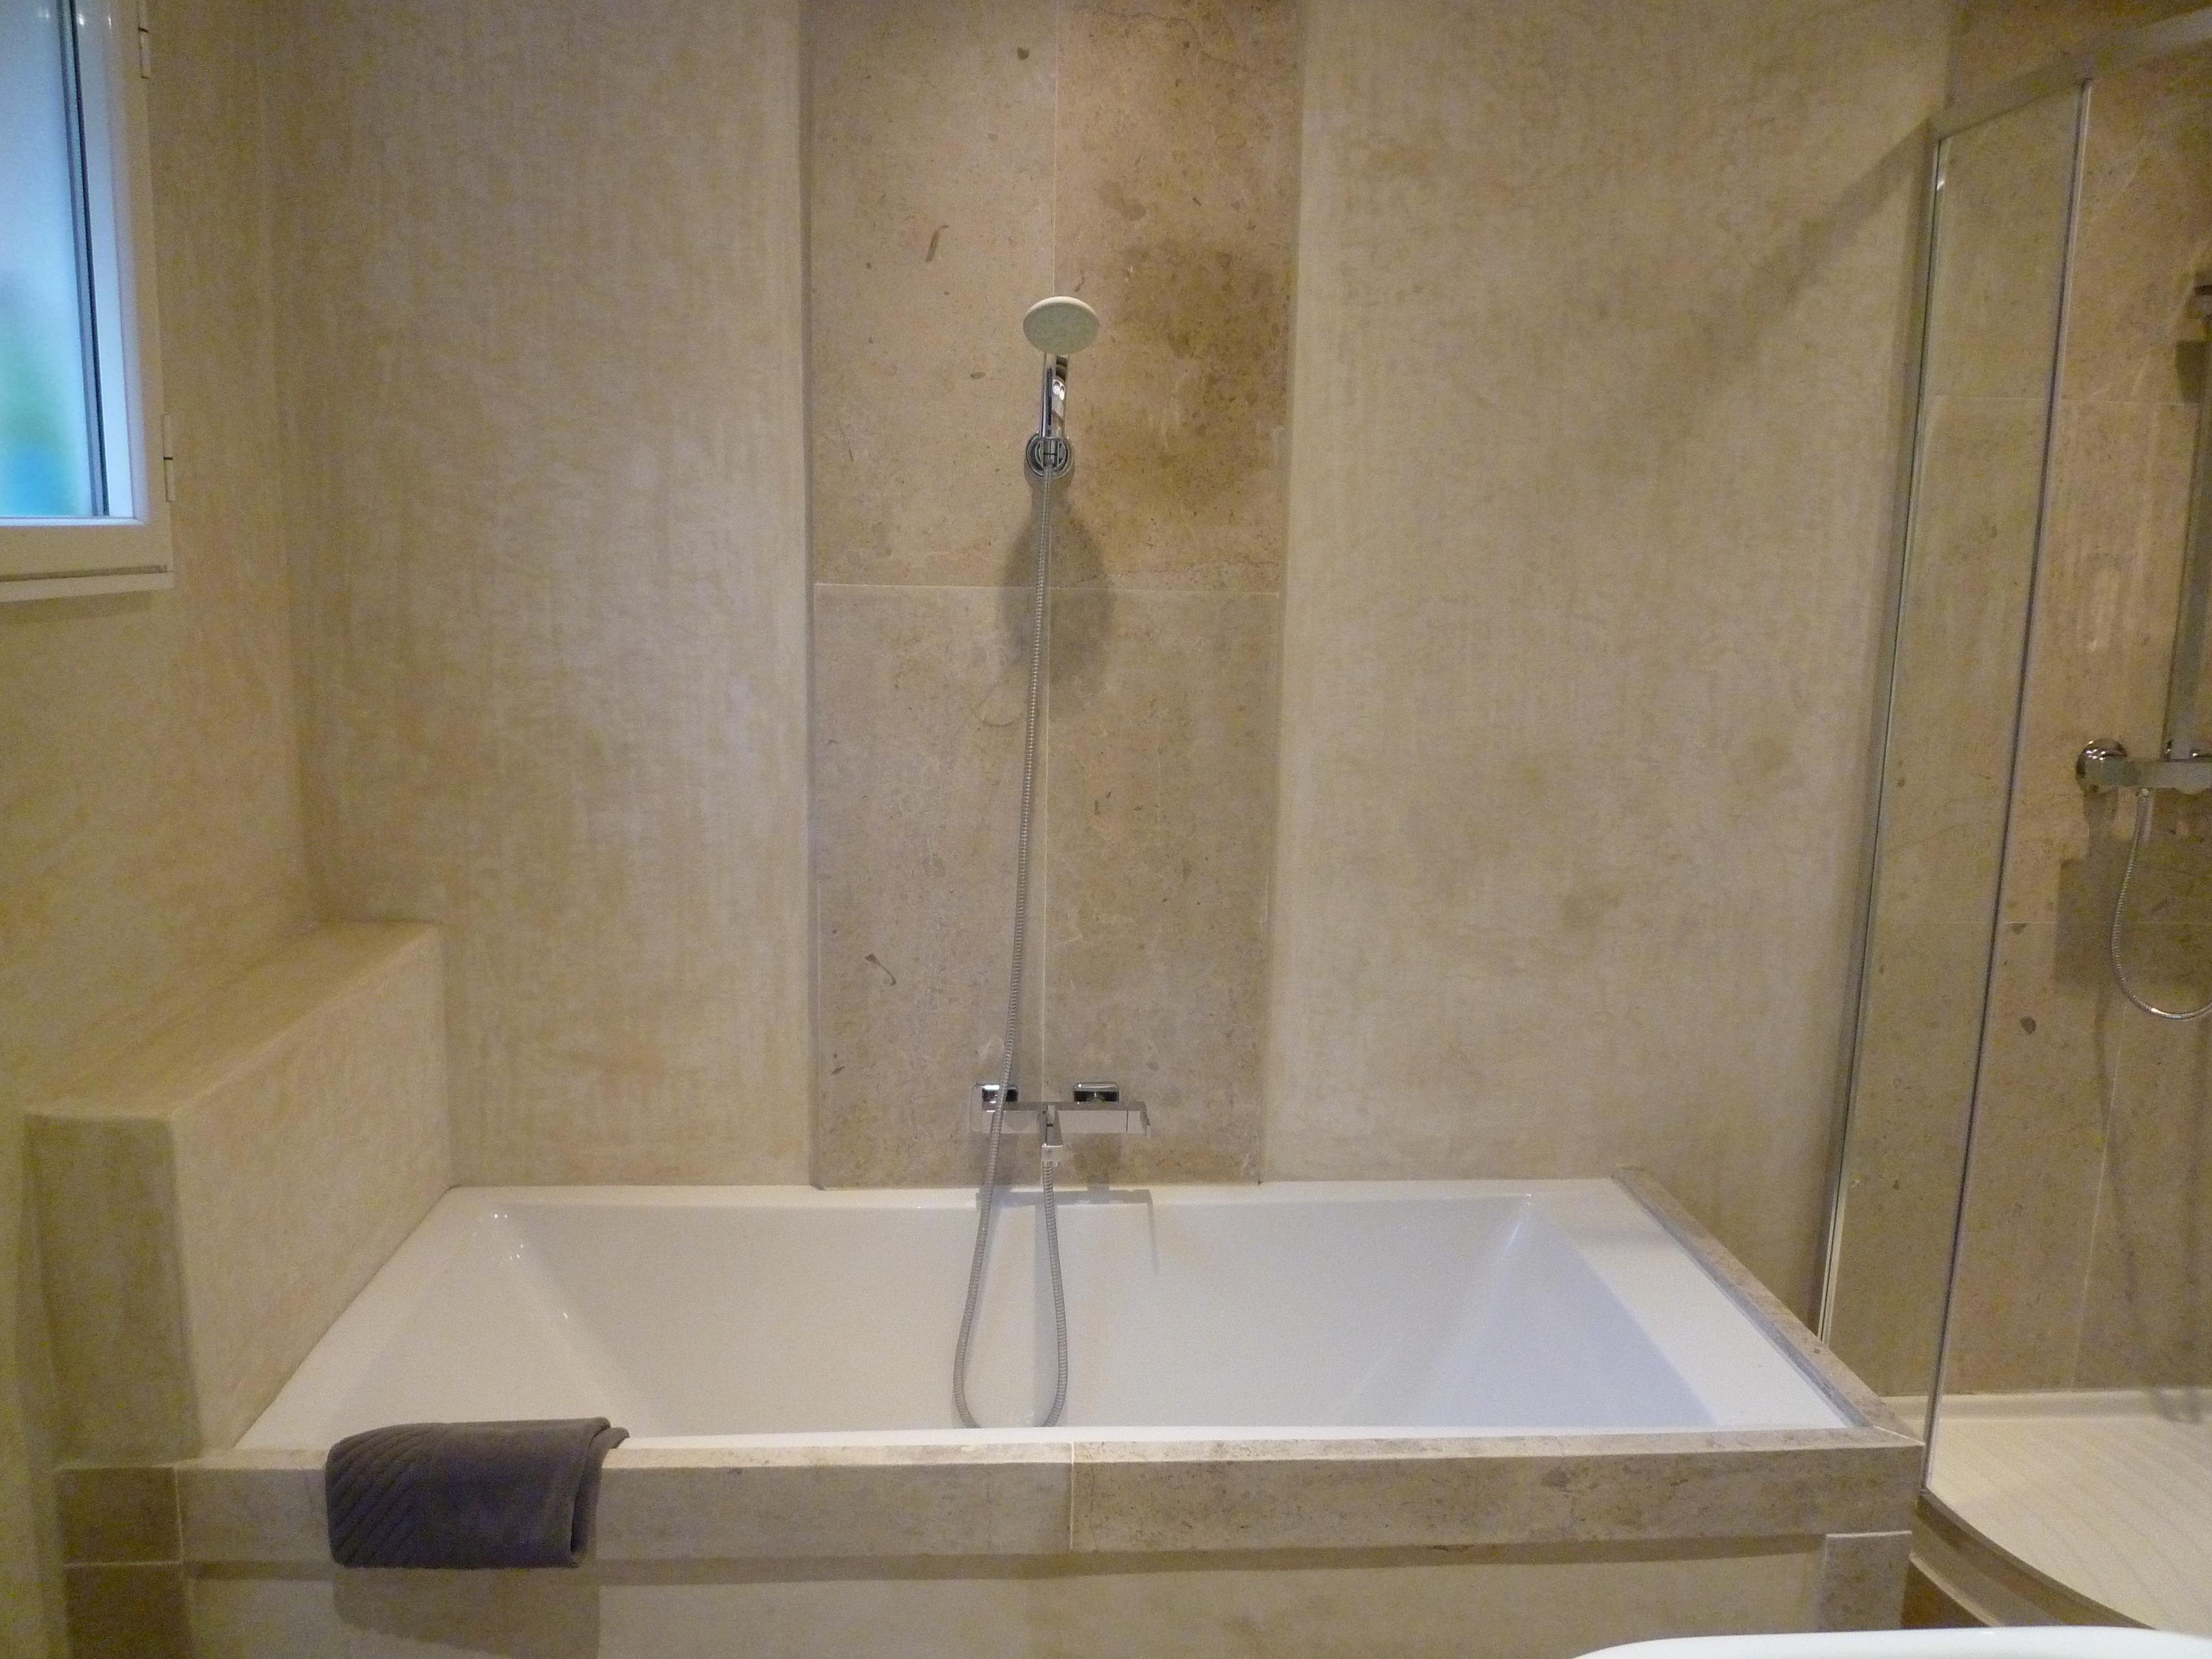 Salle de bain suisse karea creation - Salle de bain a la chaux ...